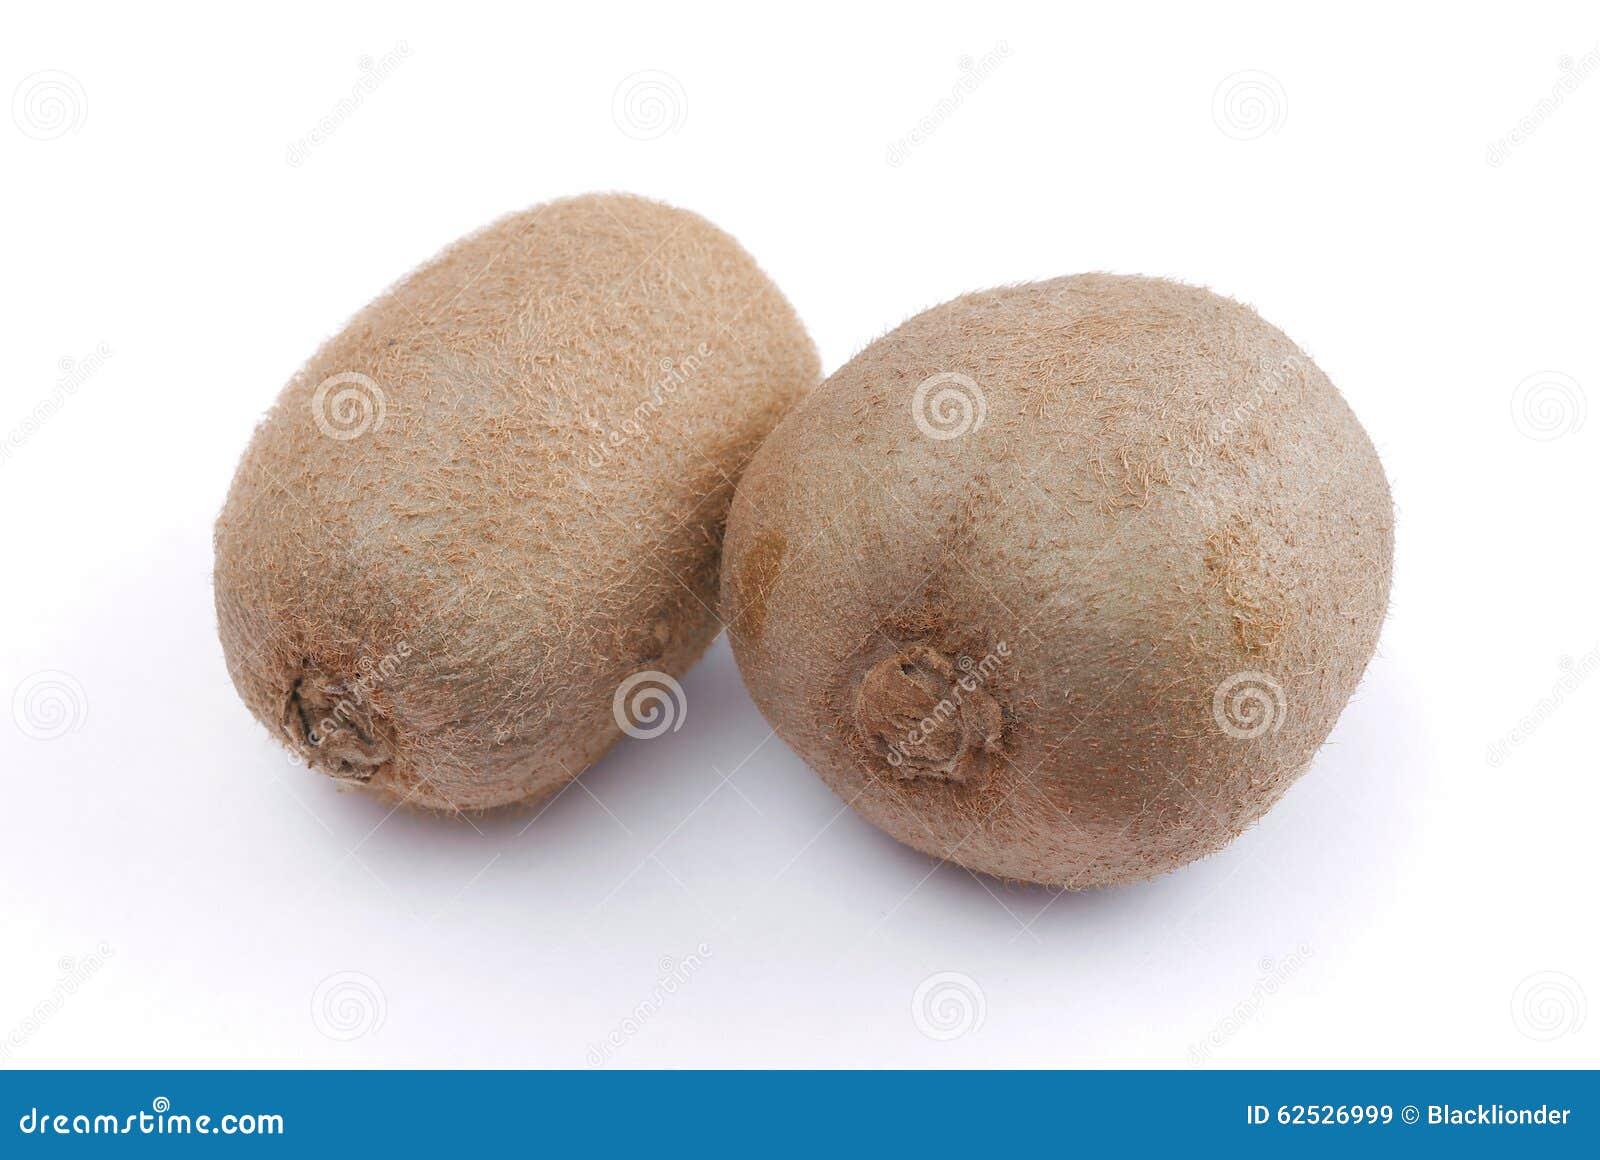 猕猴桃两果子